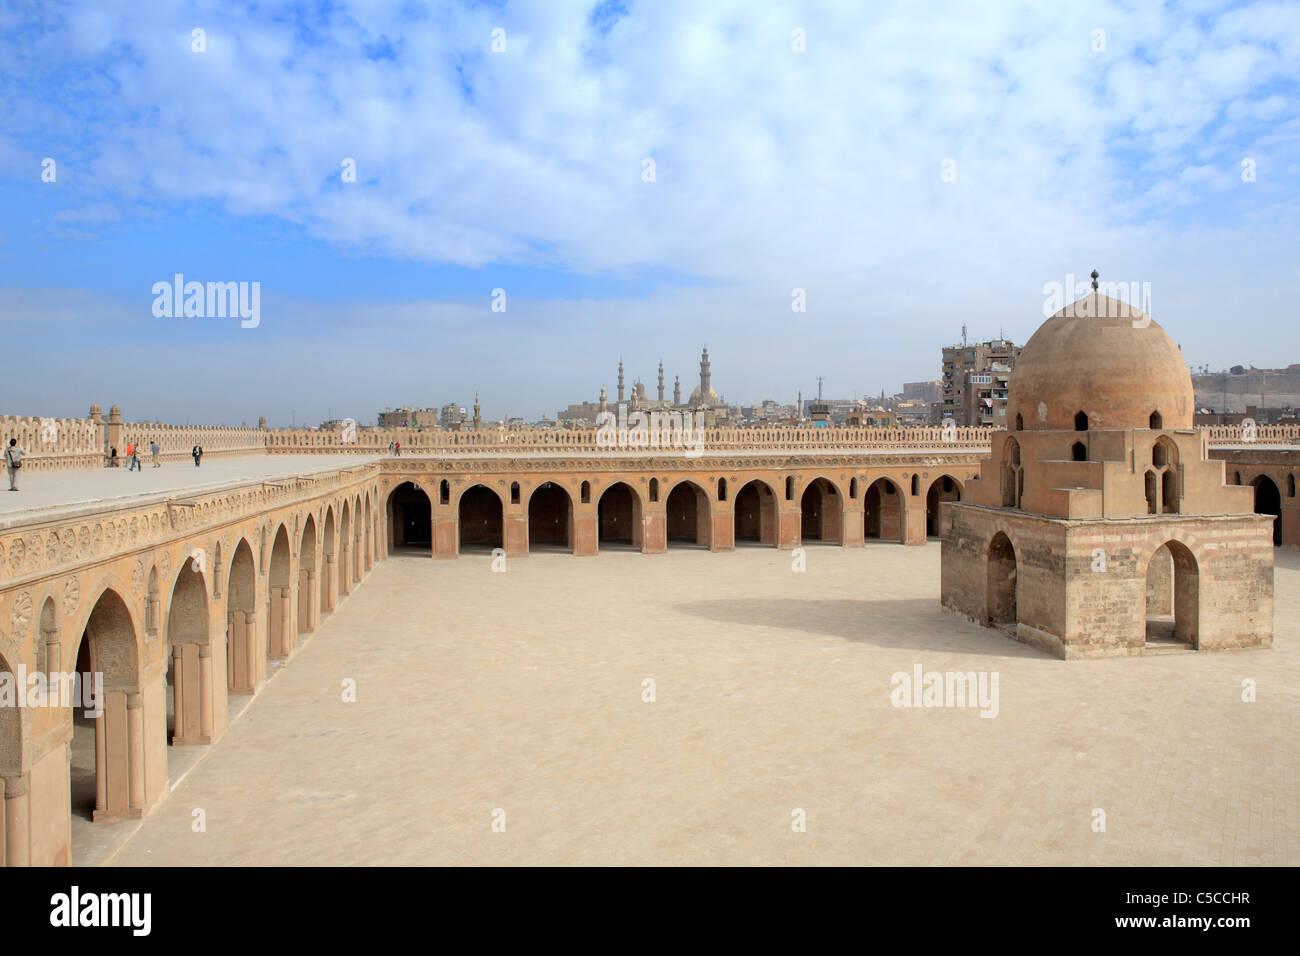 Ibn Tulun mosque (879), il Cairo, Egitto Immagini Stock